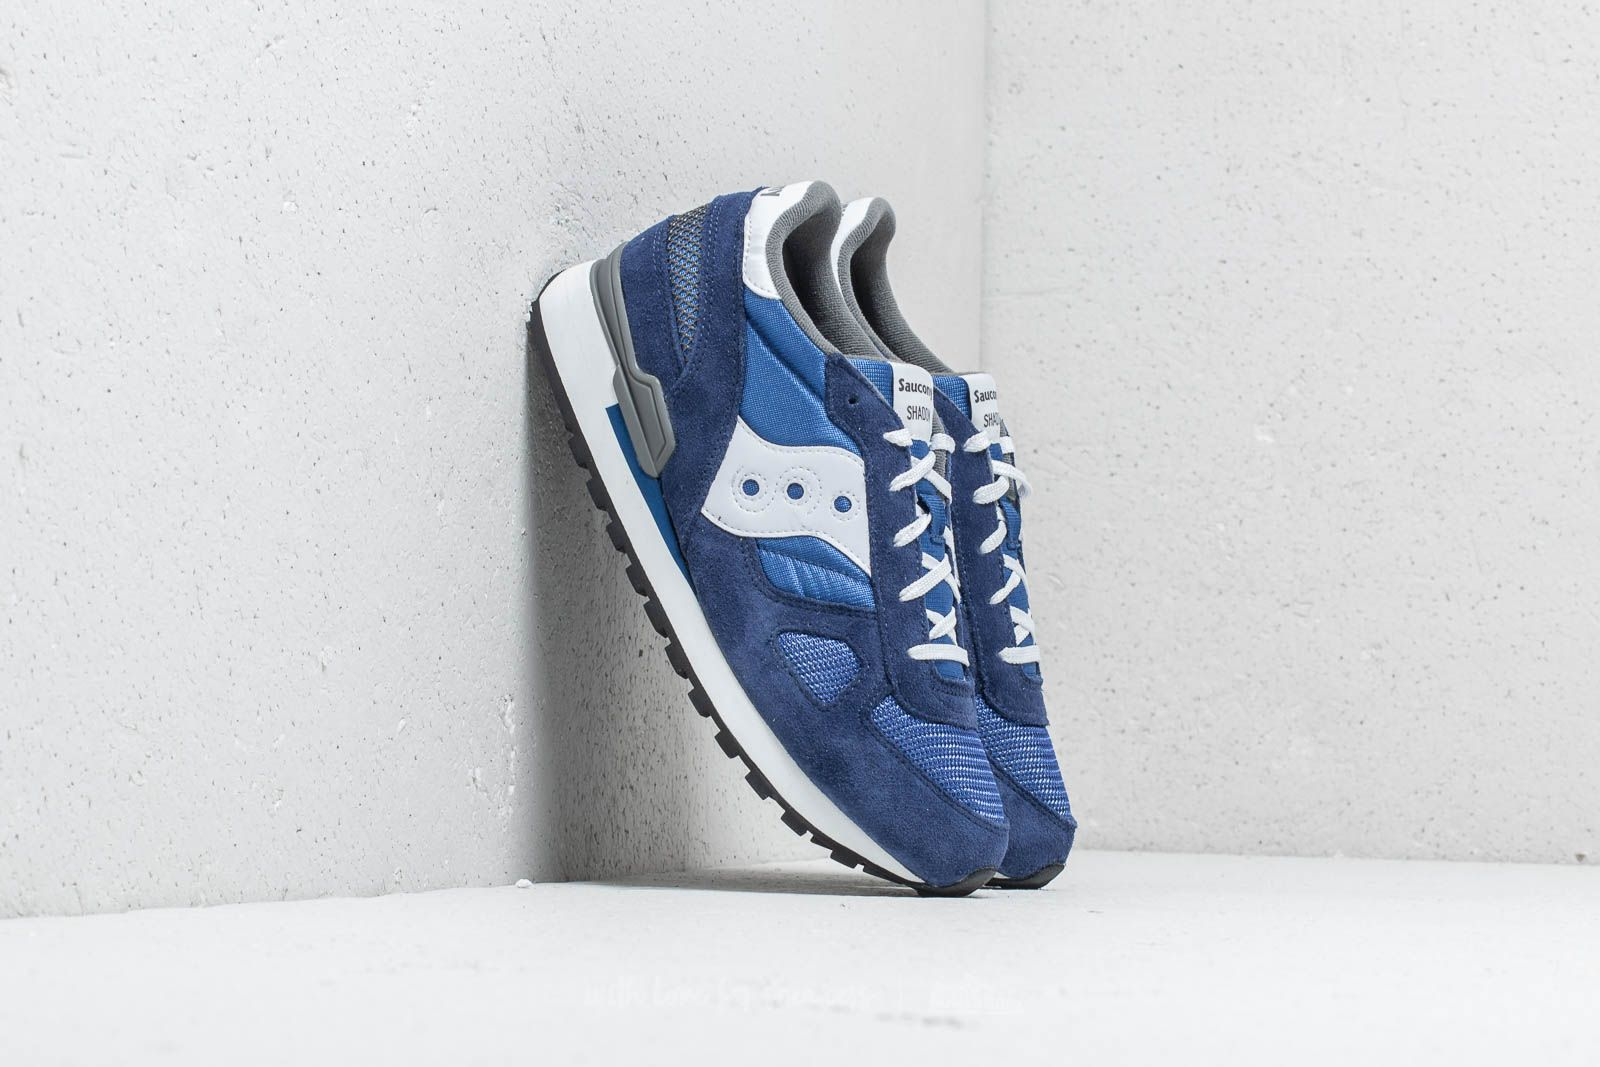 Saucony Shadow Original Blue/ White za skvělou cenu 1 390 Kč koupíte na Footshop.cz